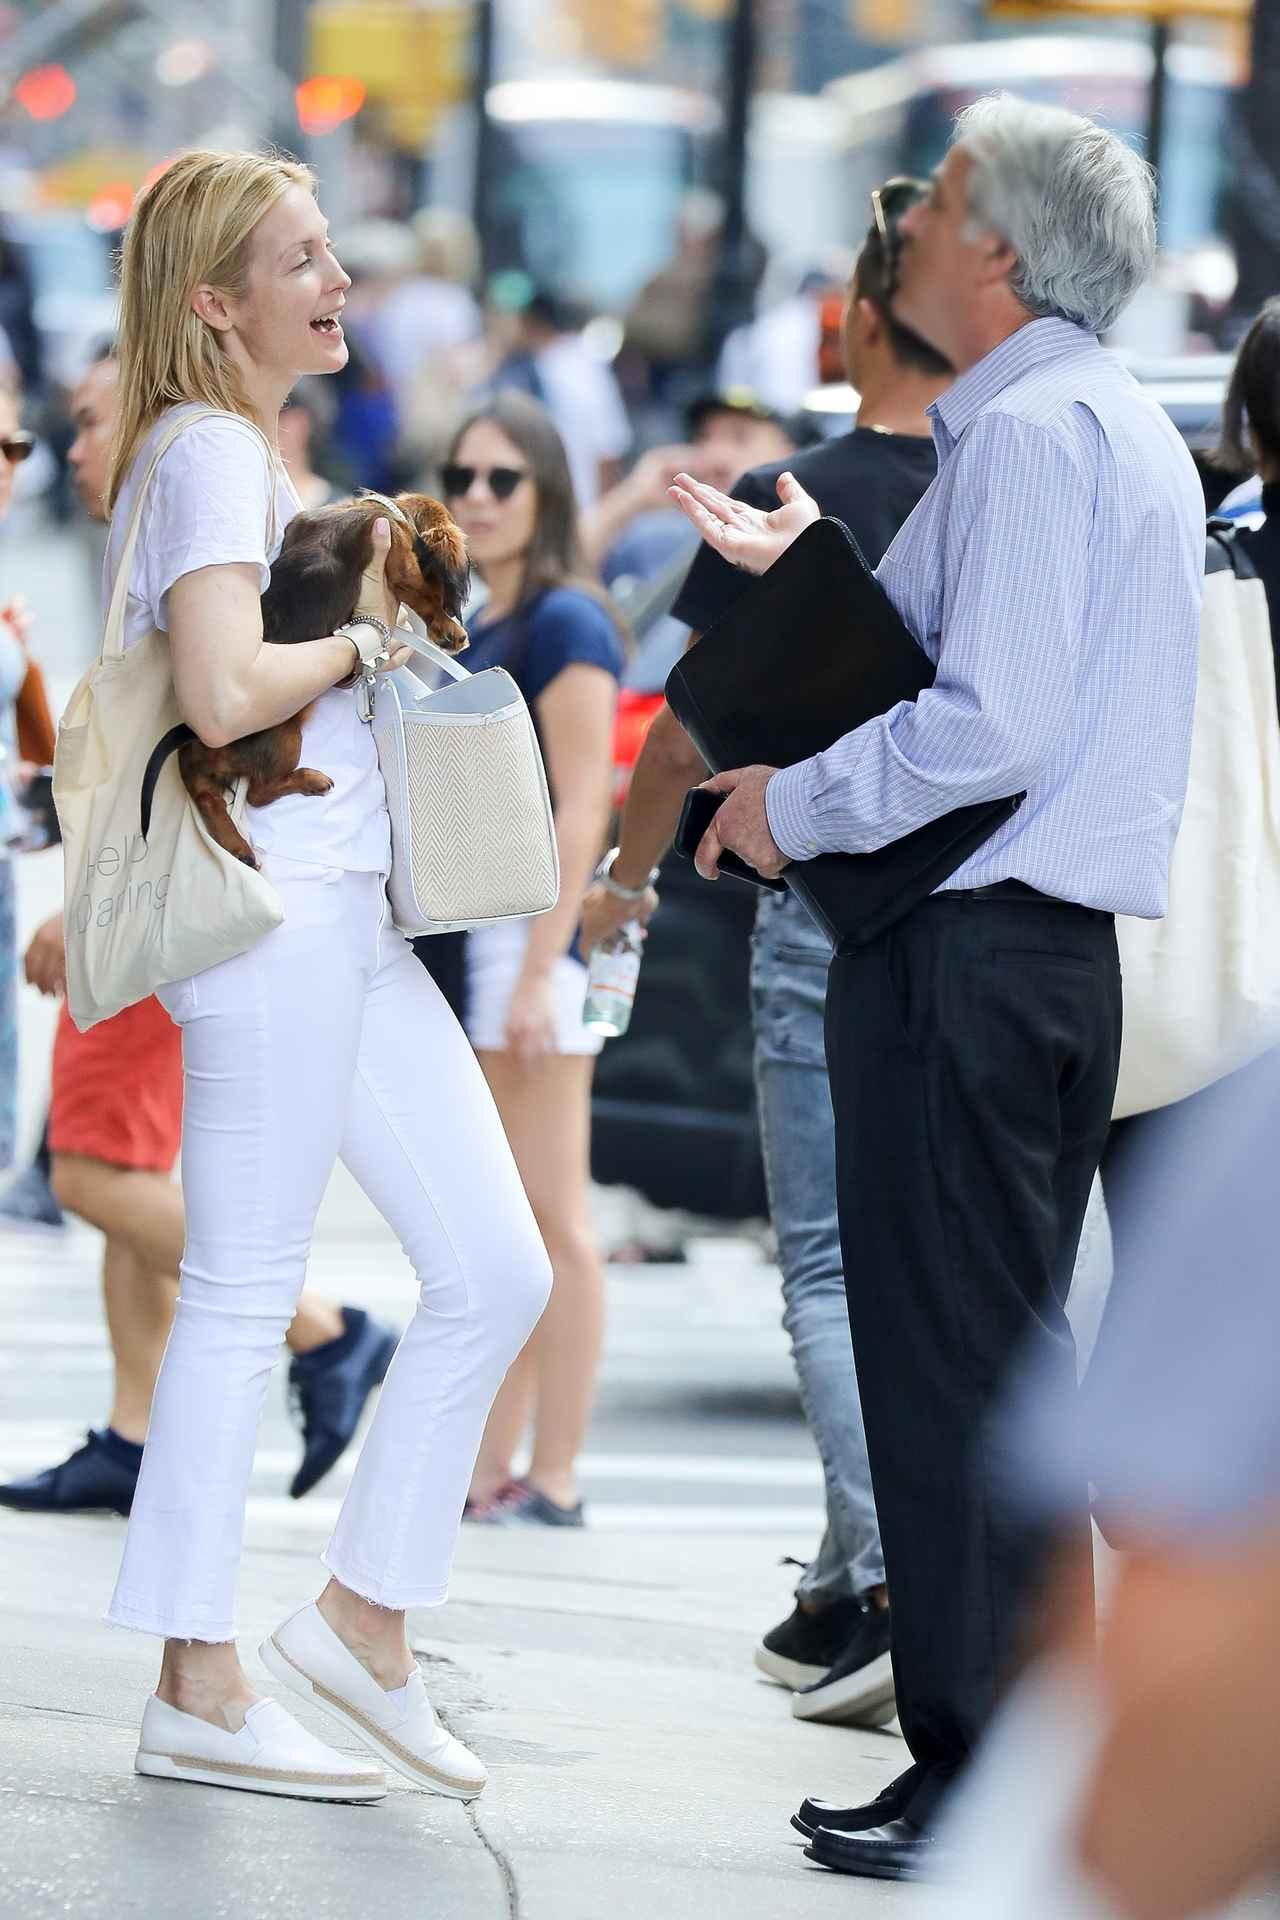 画像2: 『ゴシップガール』女優ケリー・ラザフォード、道でホームレス男性に声かけられ・・・